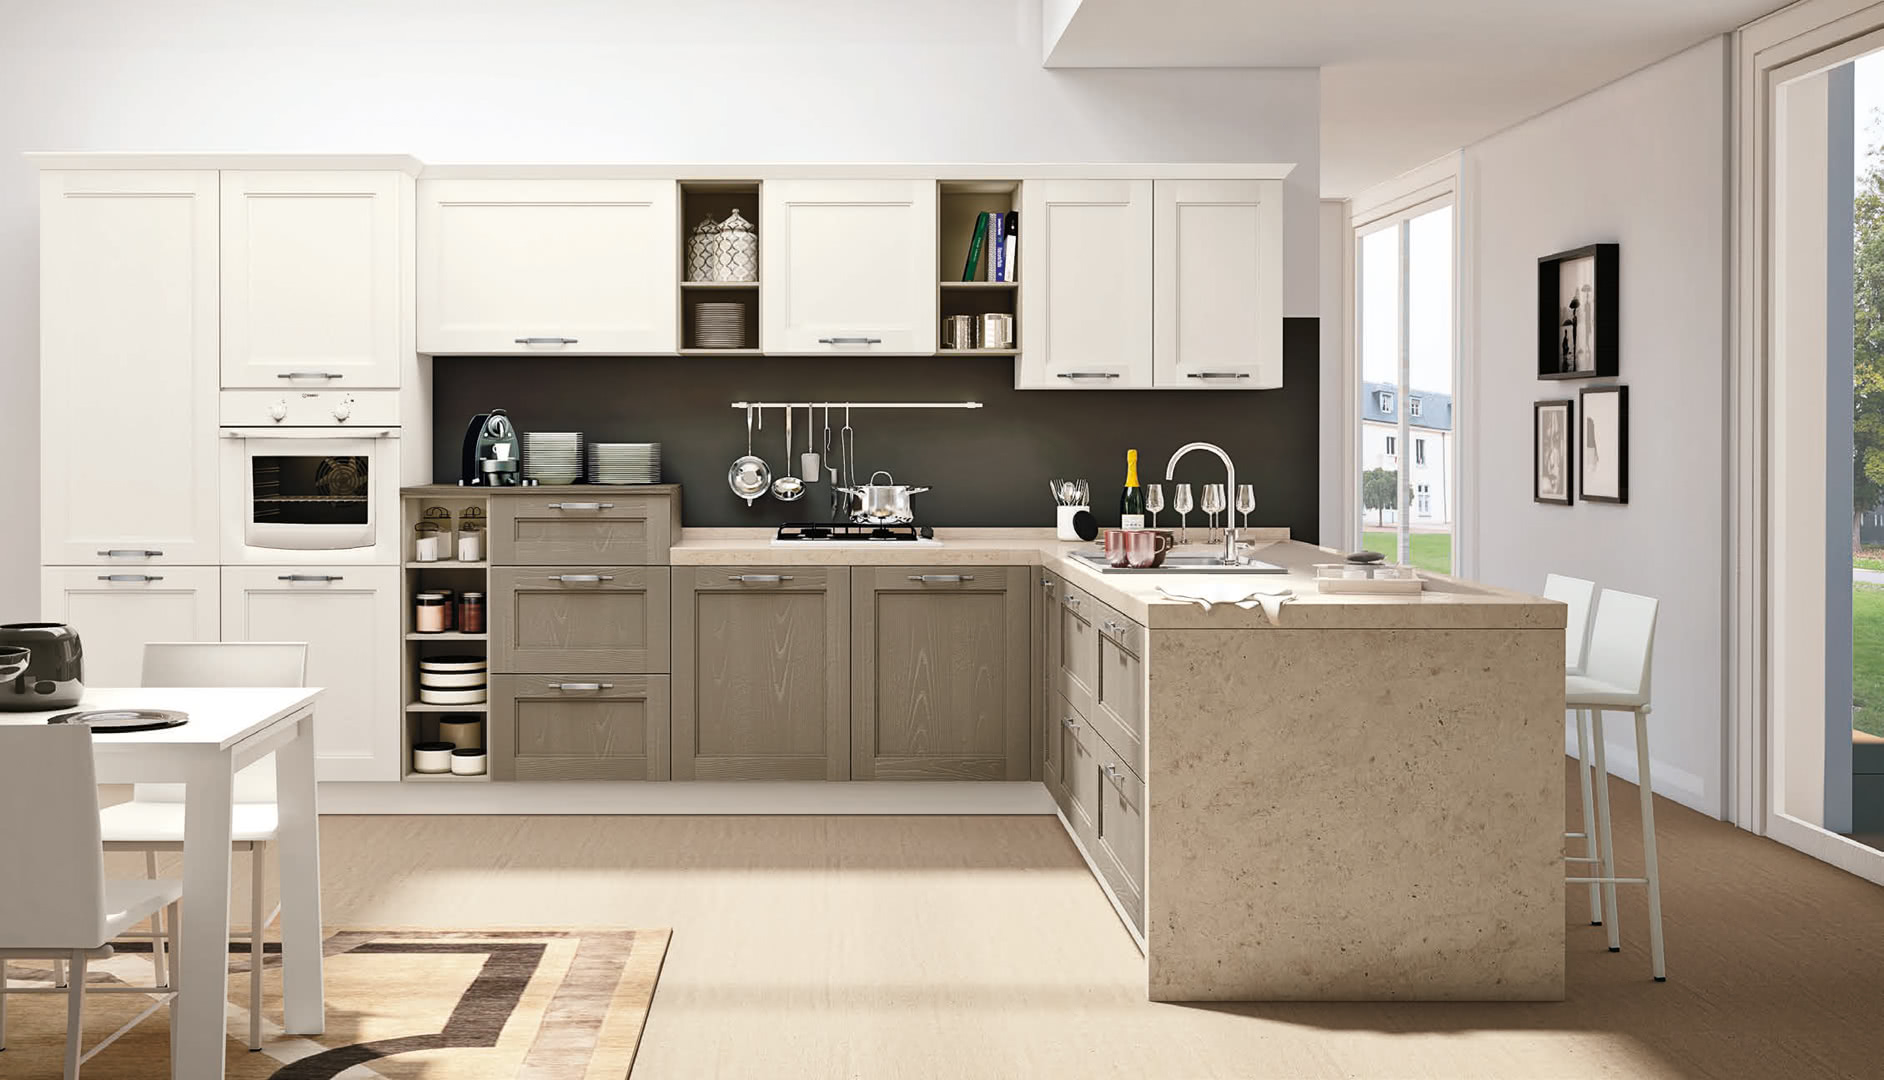 Cucina iris cucine componibili creo kitchens